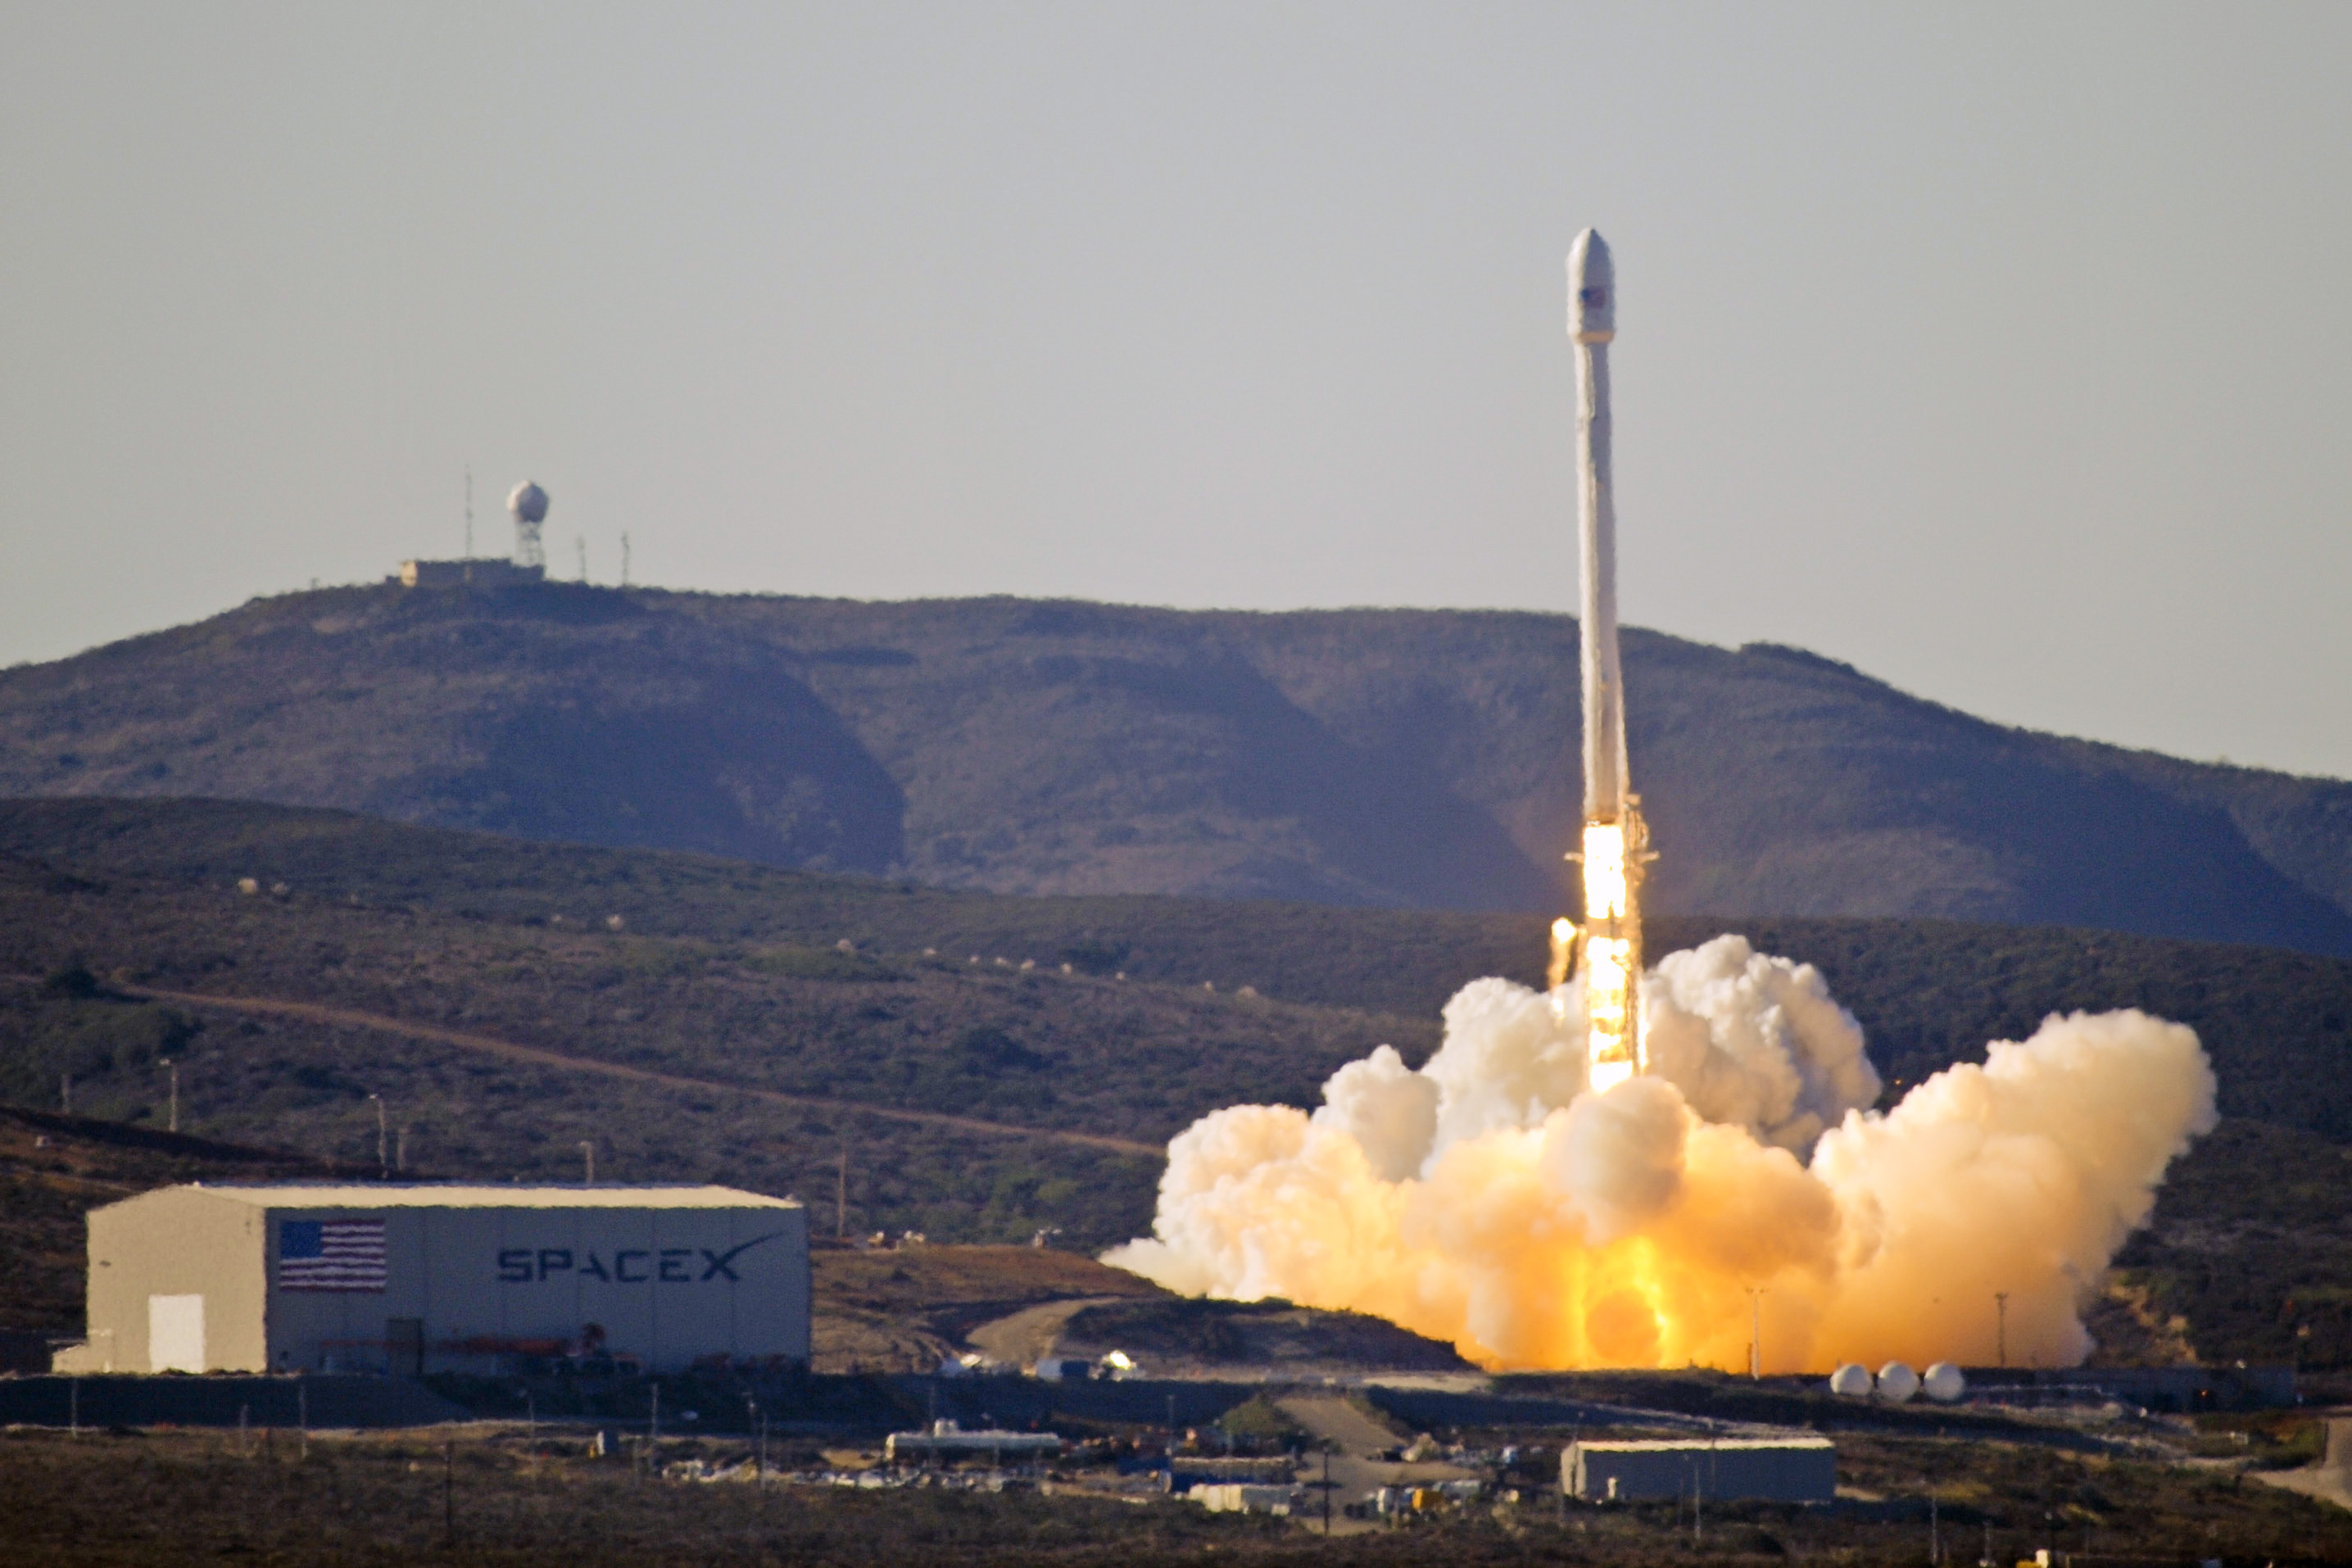 Falcon 9 Rocket - Elon Musk